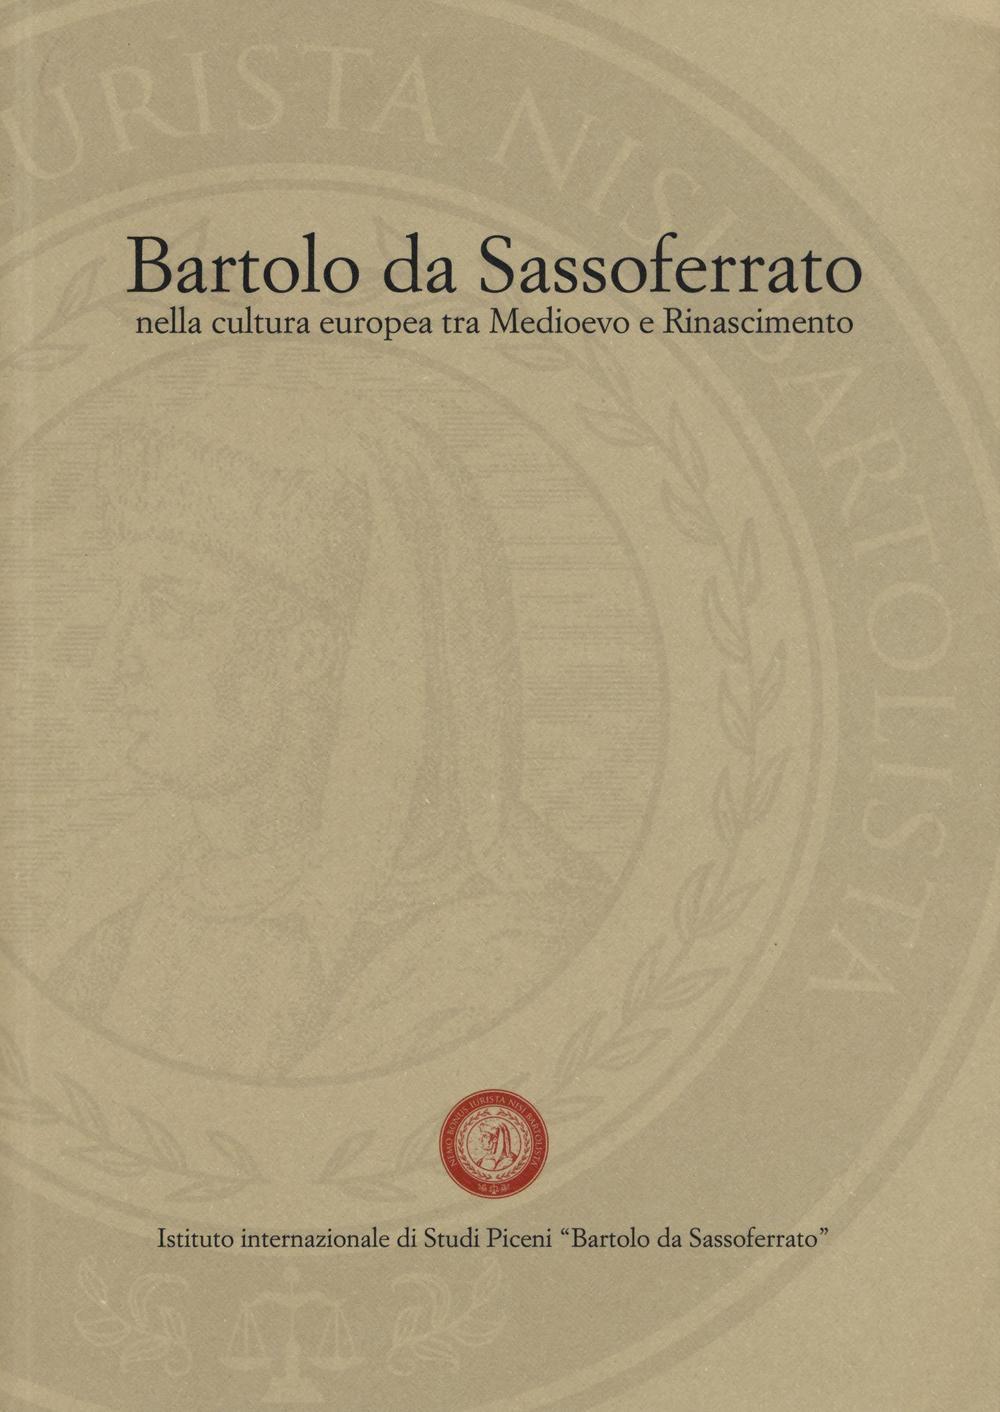 Bartolo da Sassoferrato nella cultura europea tra Medioevo e Rinascimento. A cura di Victor Crescenzi e Giovanni Rossi